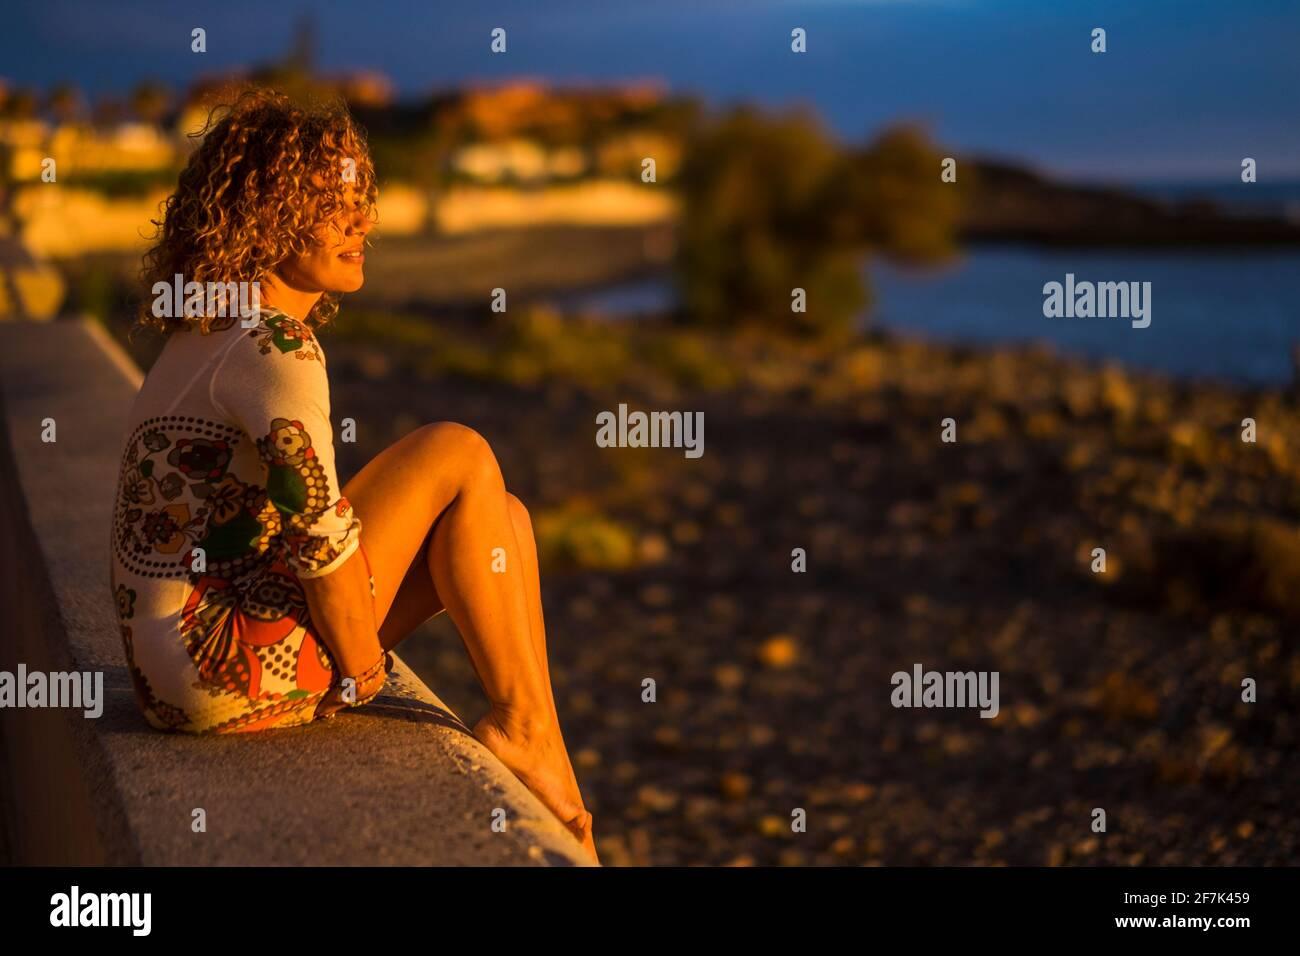 Una mujer se sienta al aire libre y disfruta de la luz del atardecer en frente de ella - playa y el océano en el fondo - turismo y vacaciones de verano Foto de stock